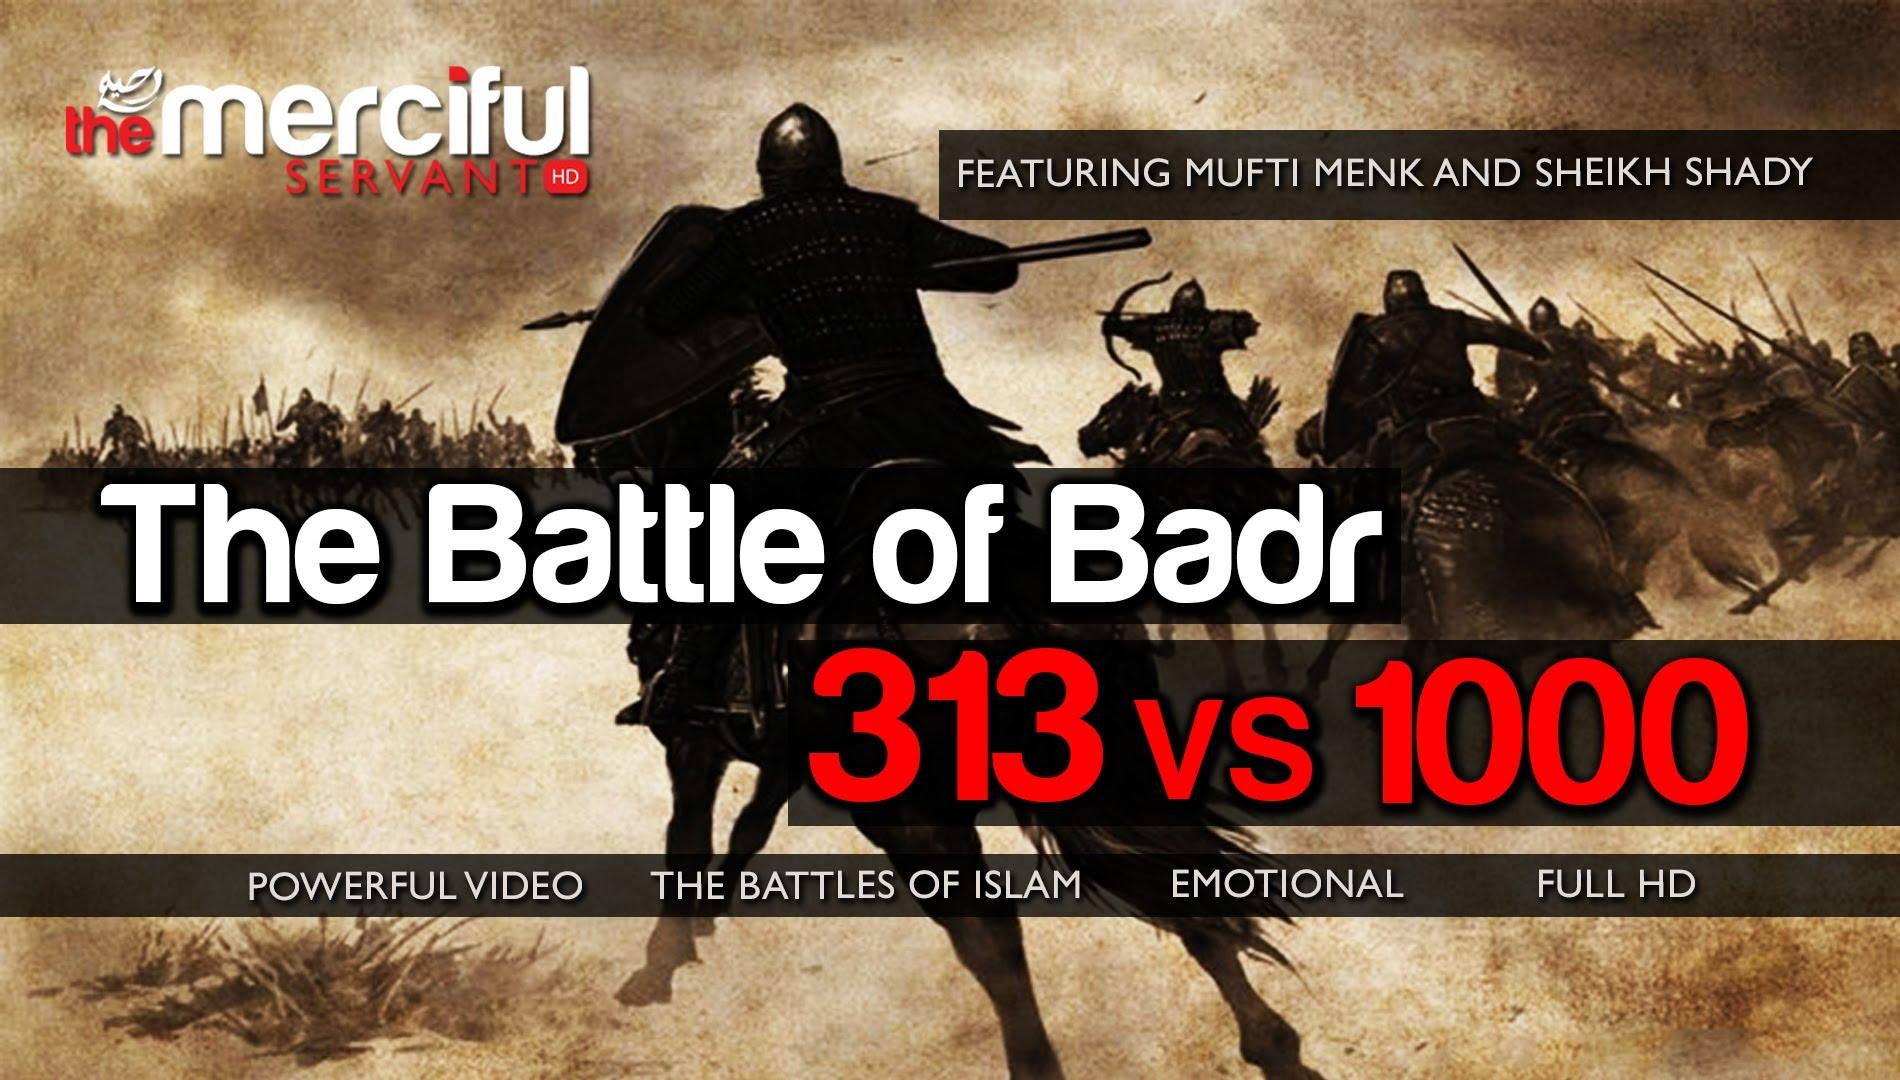 the Battle of Badr- 313 vs 1000